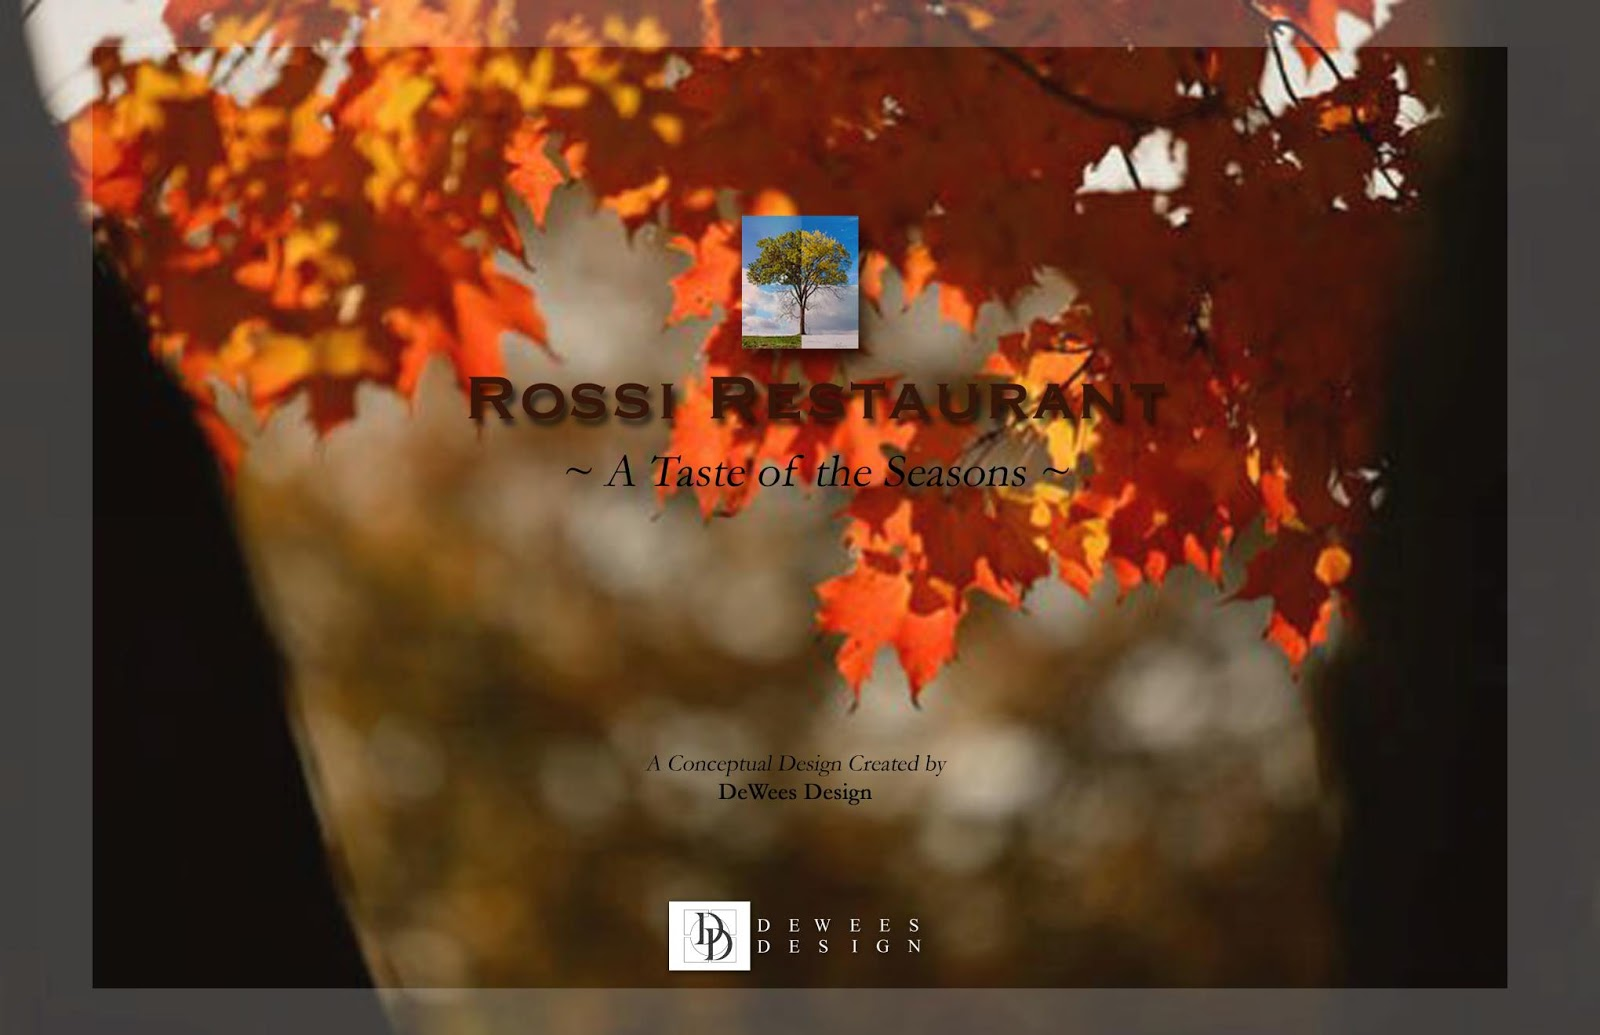 Rossi Restaurant